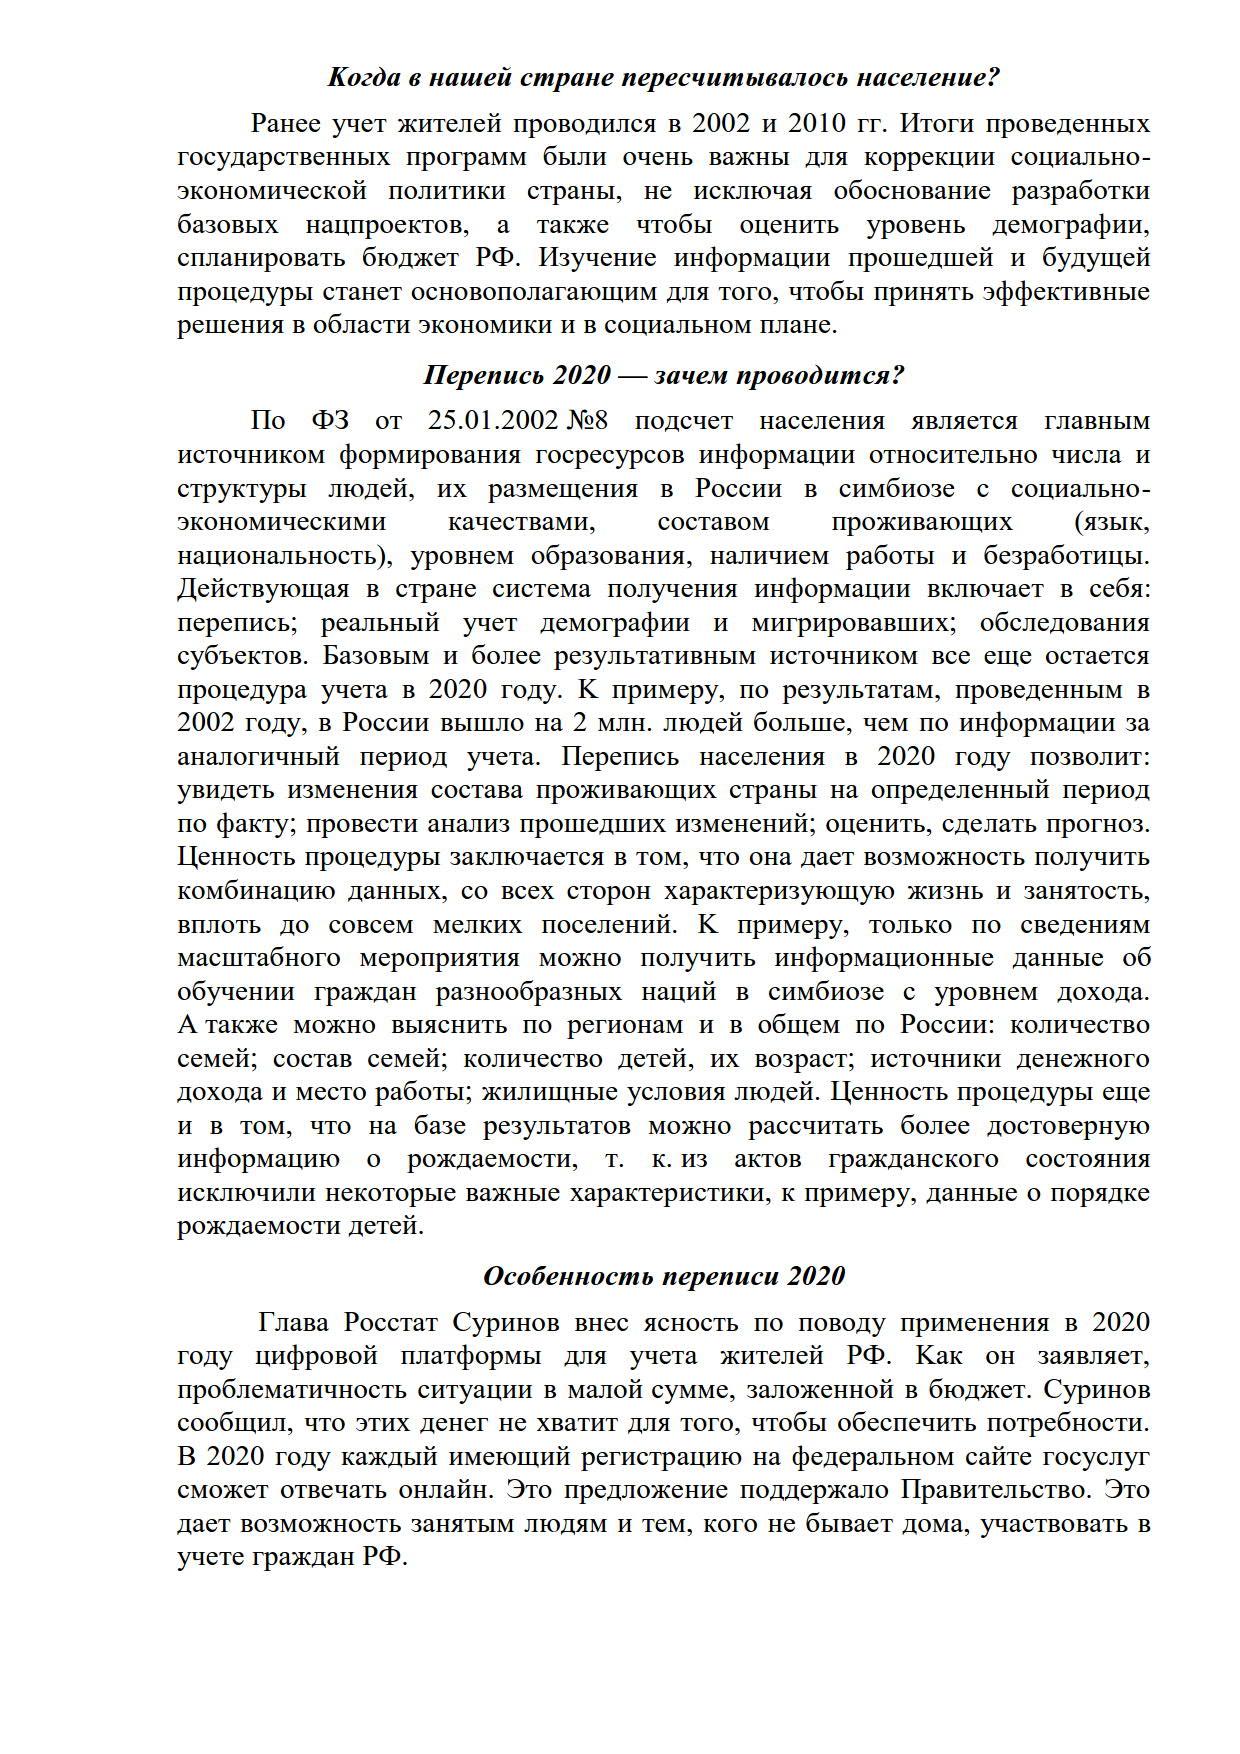 Всероссийская перепись населения_2